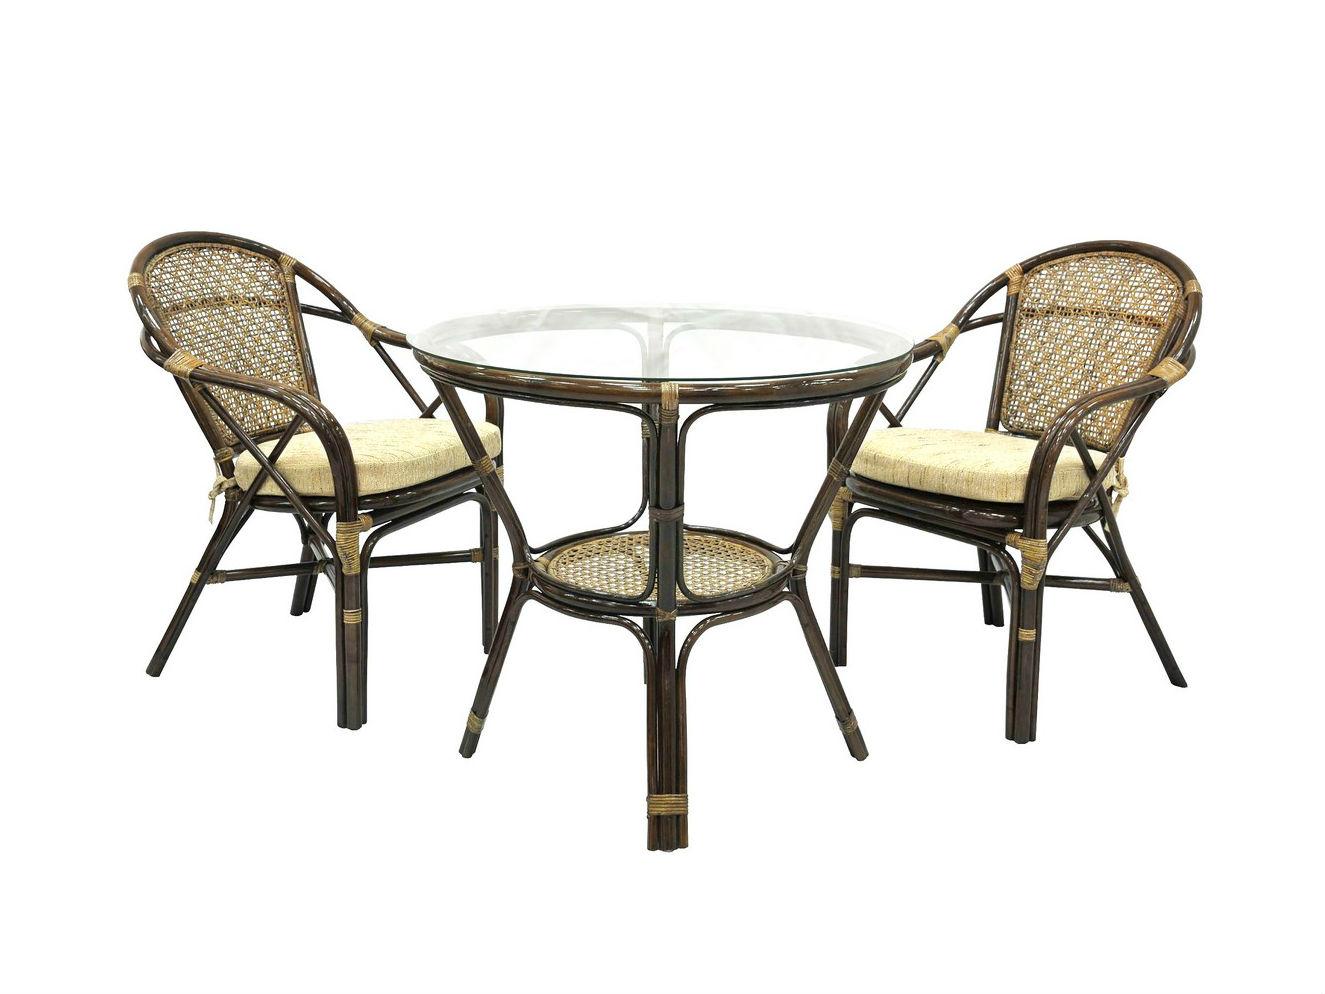 Комплект обеденный EllenaКомплекты уличной мебели<br>Комплектация: два стула, мягкие подушки (на сидение), столик со стеклом (на присосках).&amp;amp;nbsp;&amp;lt;div&amp;gt;&amp;lt;br&amp;gt;&amp;lt;/div&amp;gt;&amp;lt;div&amp;gt;Материал каркаса:  натуральный ротанг&amp;lt;/div&amp;gt;&amp;lt;div&amp;gt;Мягкая обивка/подушка:  ткань рогожка&amp;lt;/div&amp;gt;&amp;lt;div&amp;gt;Размер: столик со стеклом 78х74х78 см, стул 88х63х70 см&amp;lt;/div&amp;gt;&amp;lt;div&amp;gt;Выдерживаемая нагрузка, кг:  90&amp;lt;/div&amp;gt;<br><br>Material: Ротанг<br>Высота см: 74